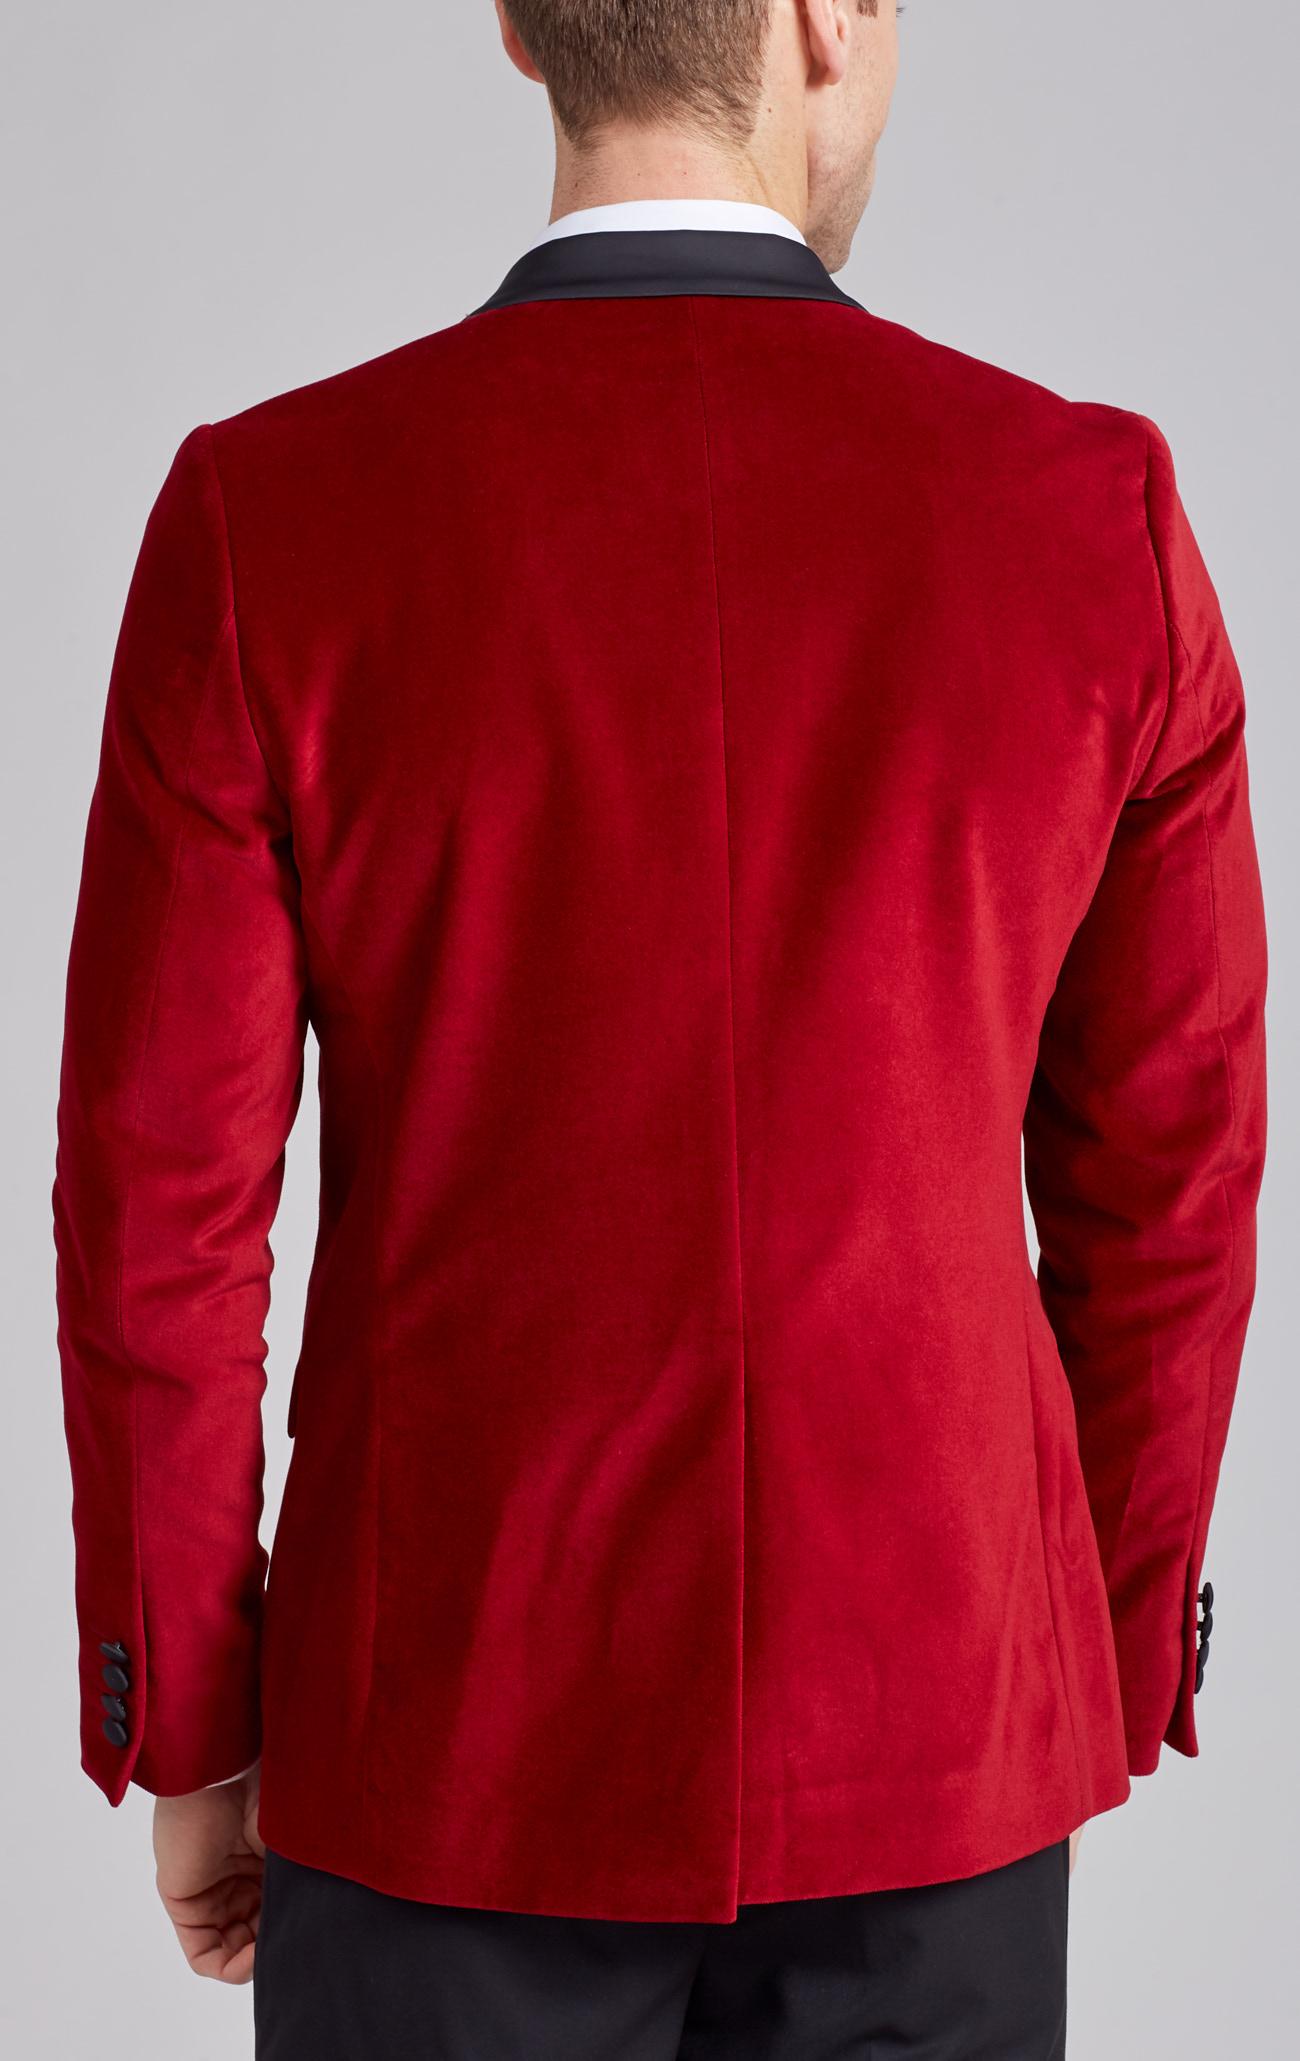 b41b0b09675 Dobell Mens Red Velvet Tuxedo Jacket Regular Fit Contrast Shawl Lapel-34R